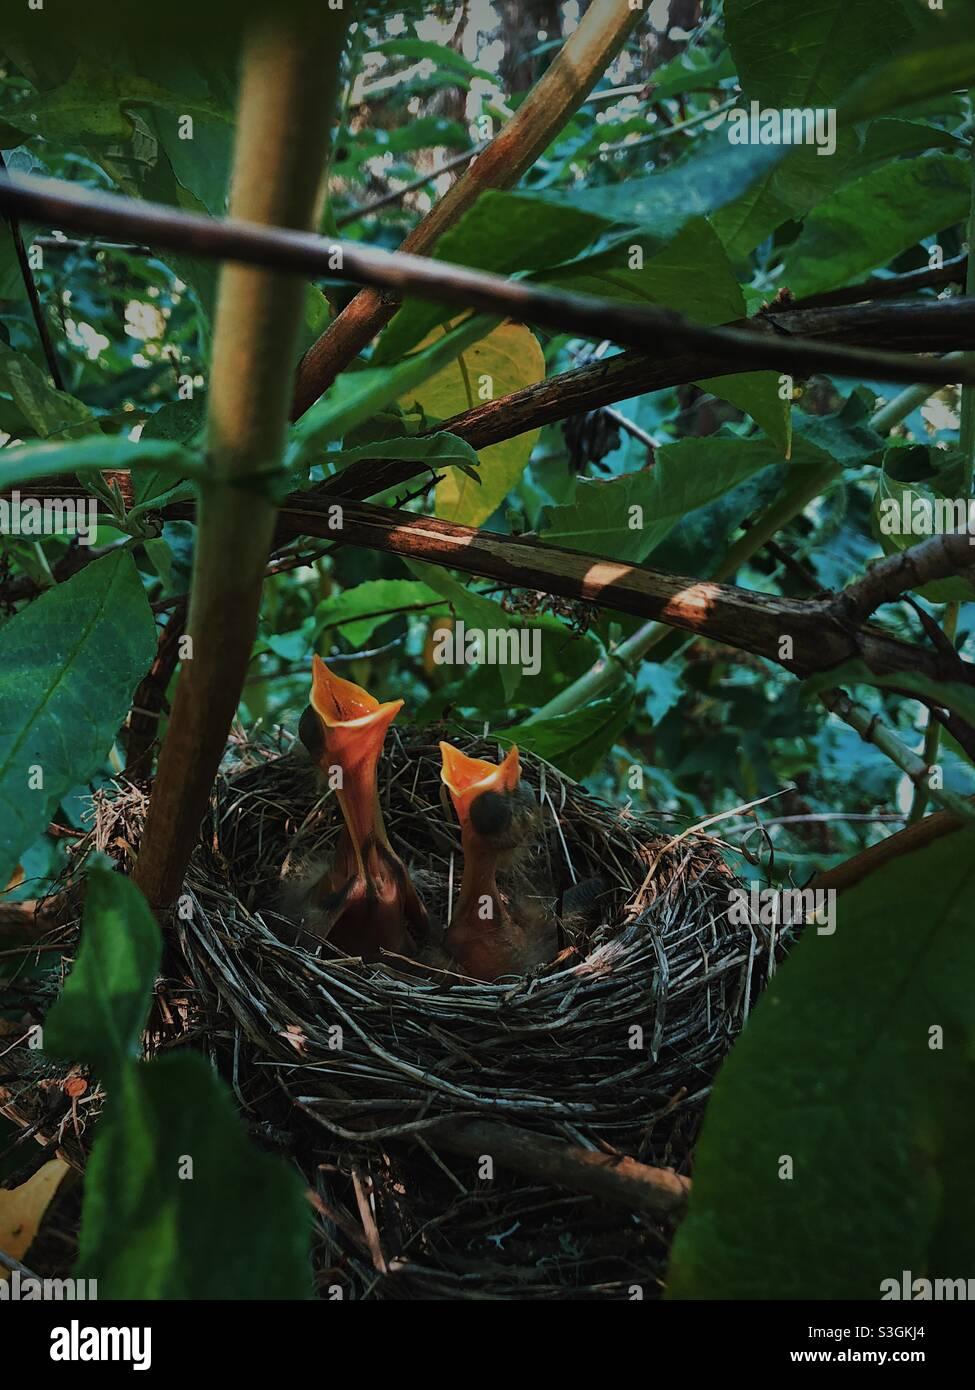 Neues Leben, Baby Vögel in einem Nest Stockfoto